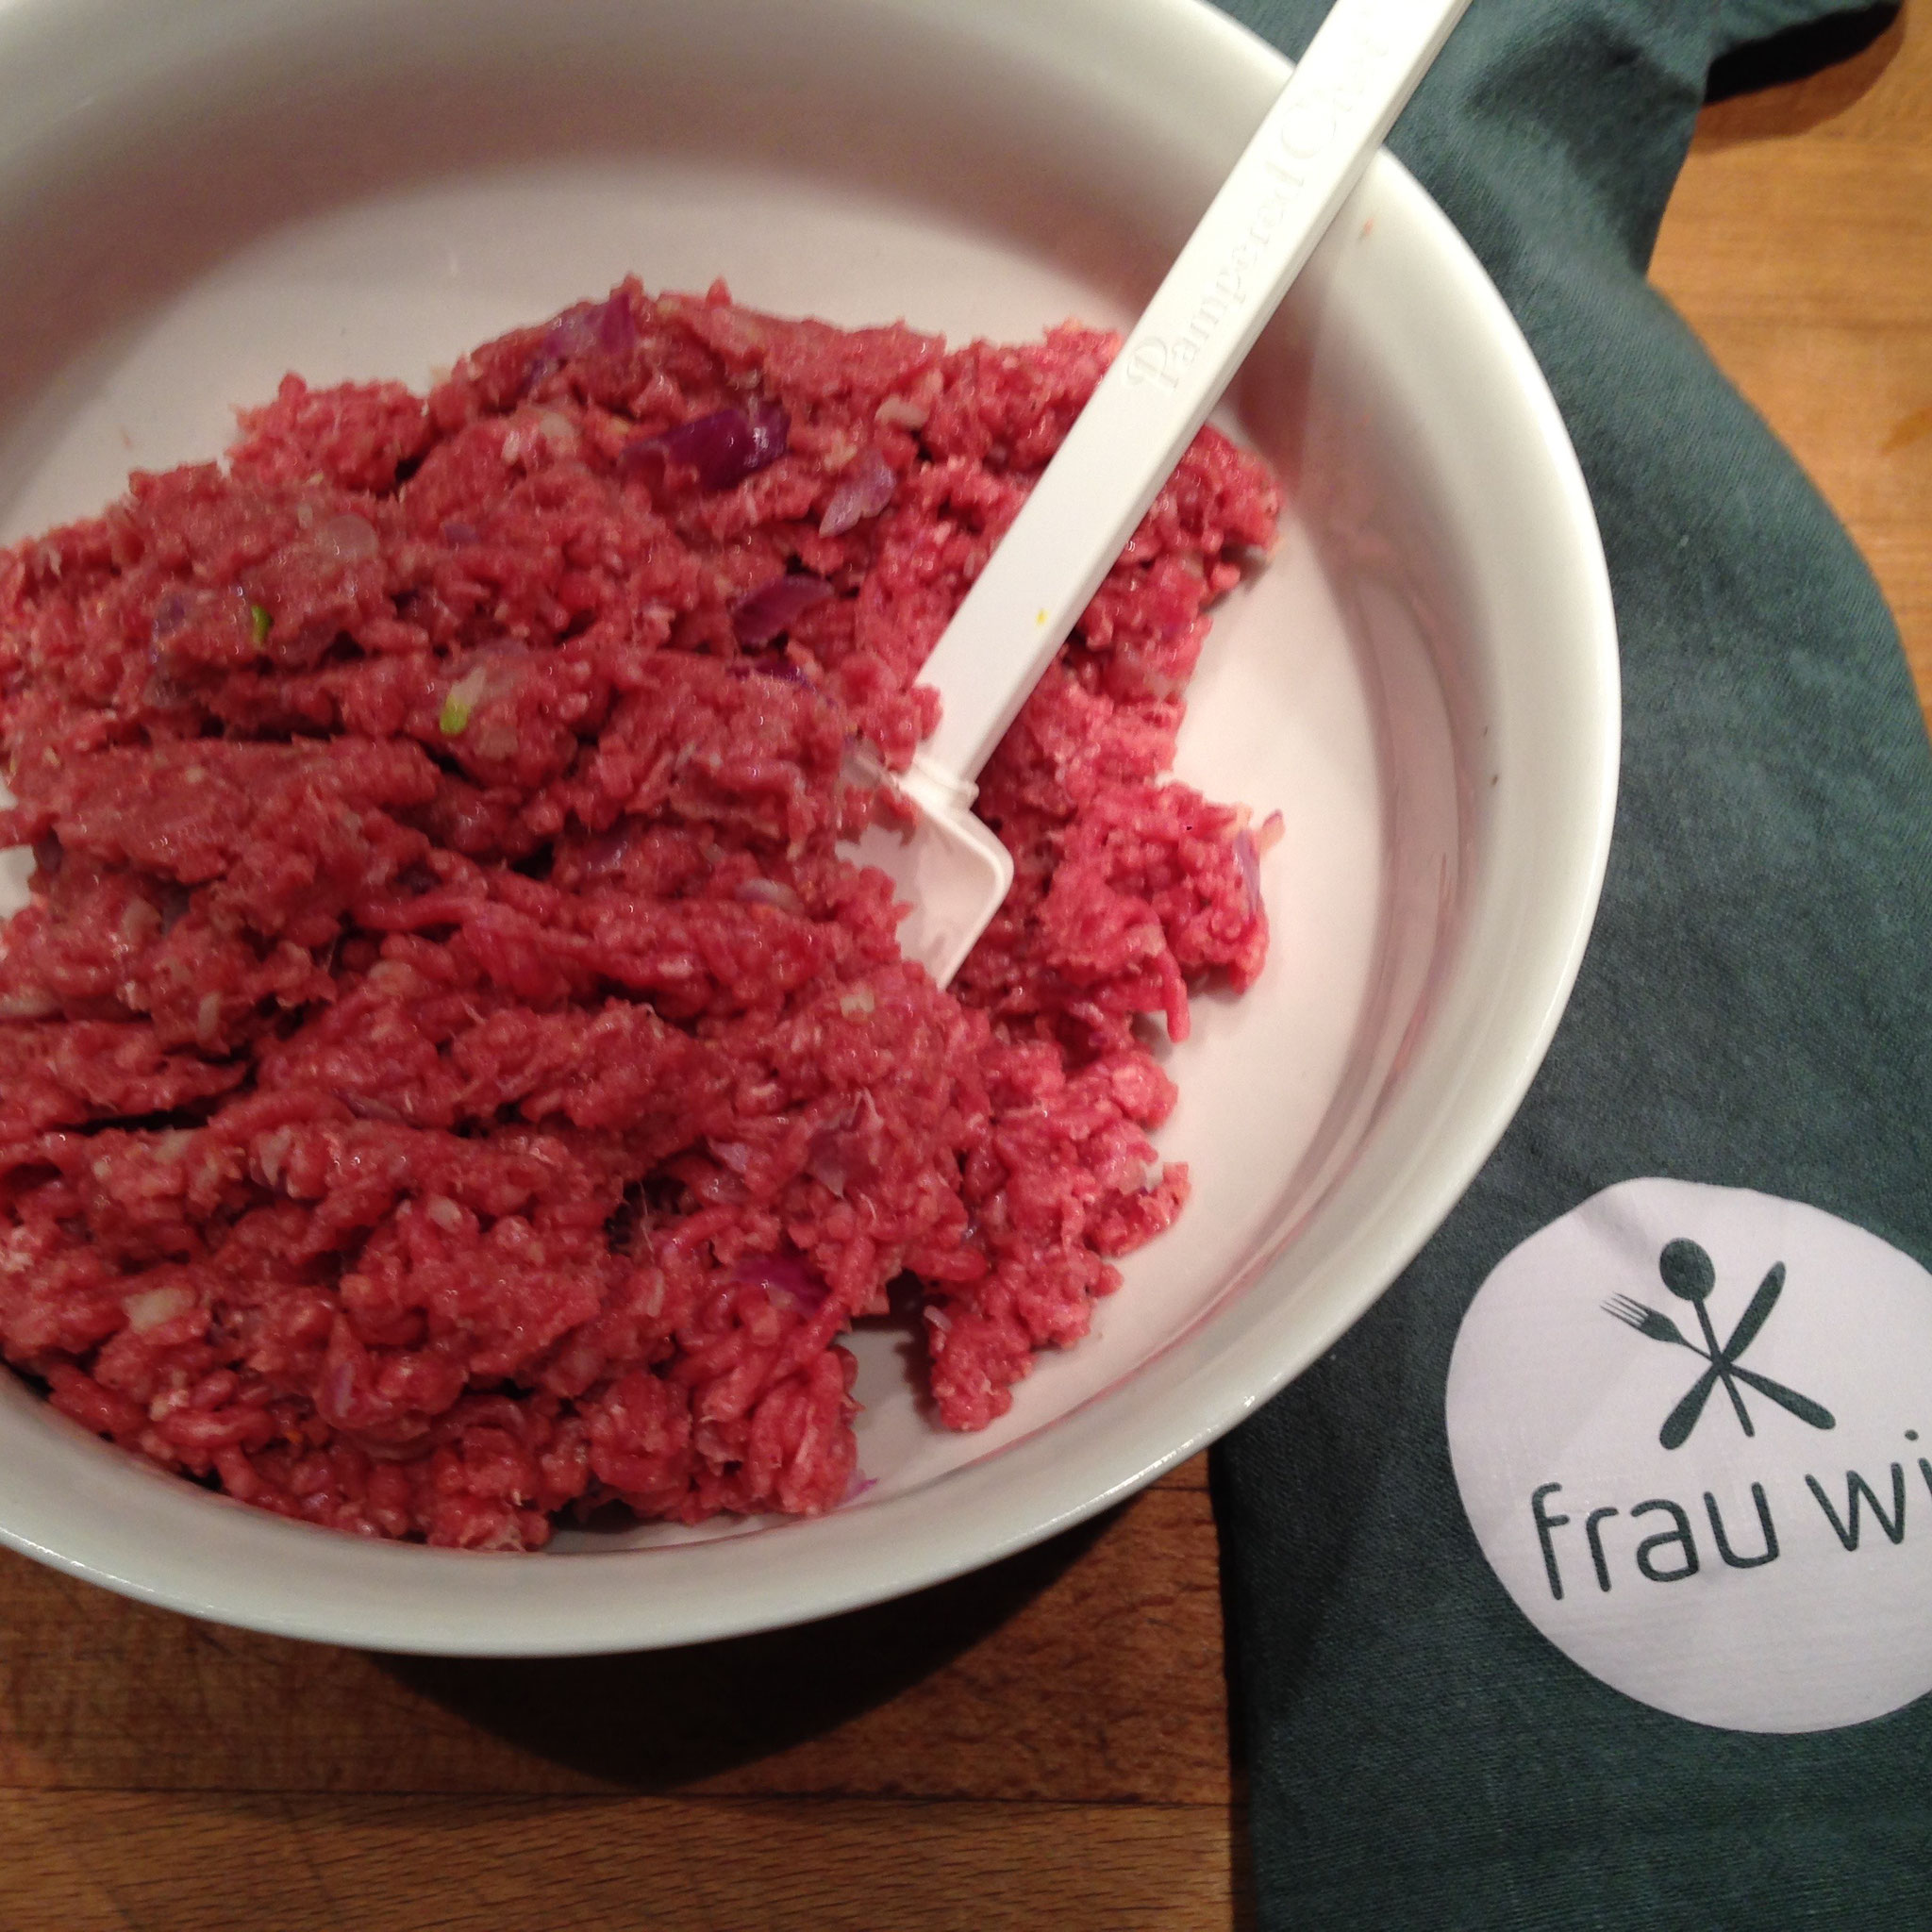 Den Knoblauch und eine der Zwiebeln fein hacken und mit dem Öl anschwitzen. Dann das Hackfleisch, Salz, Pfeffer und Paprika hinzugeben und alles gut vermischen